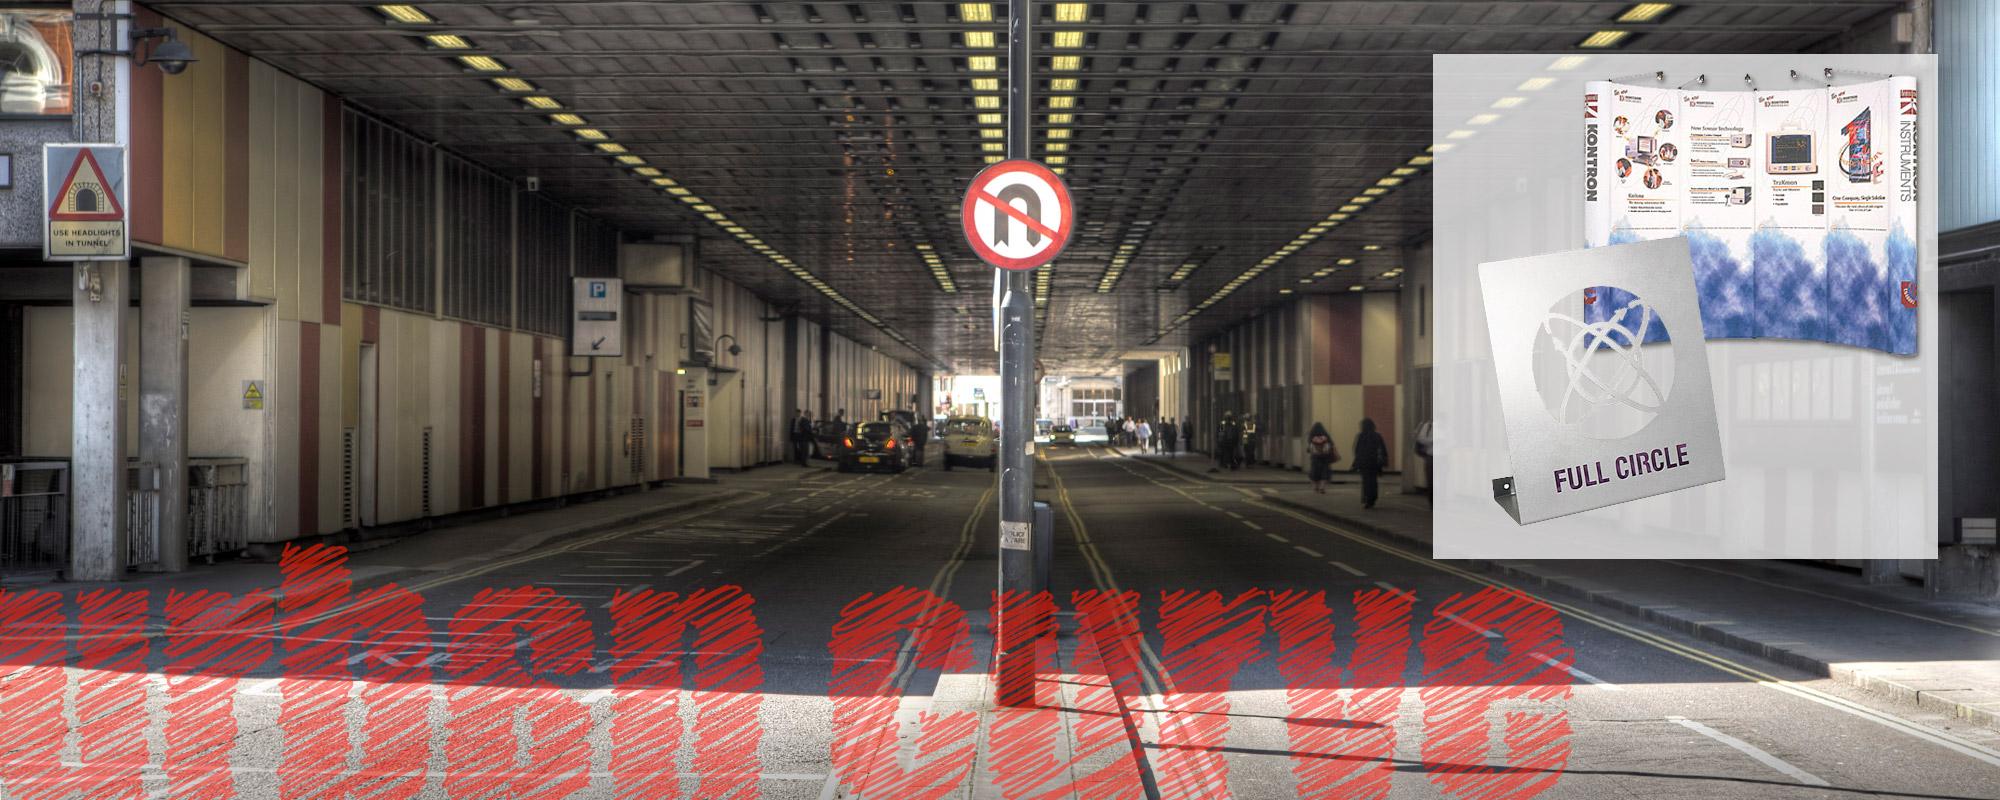 urbancurve_slider1